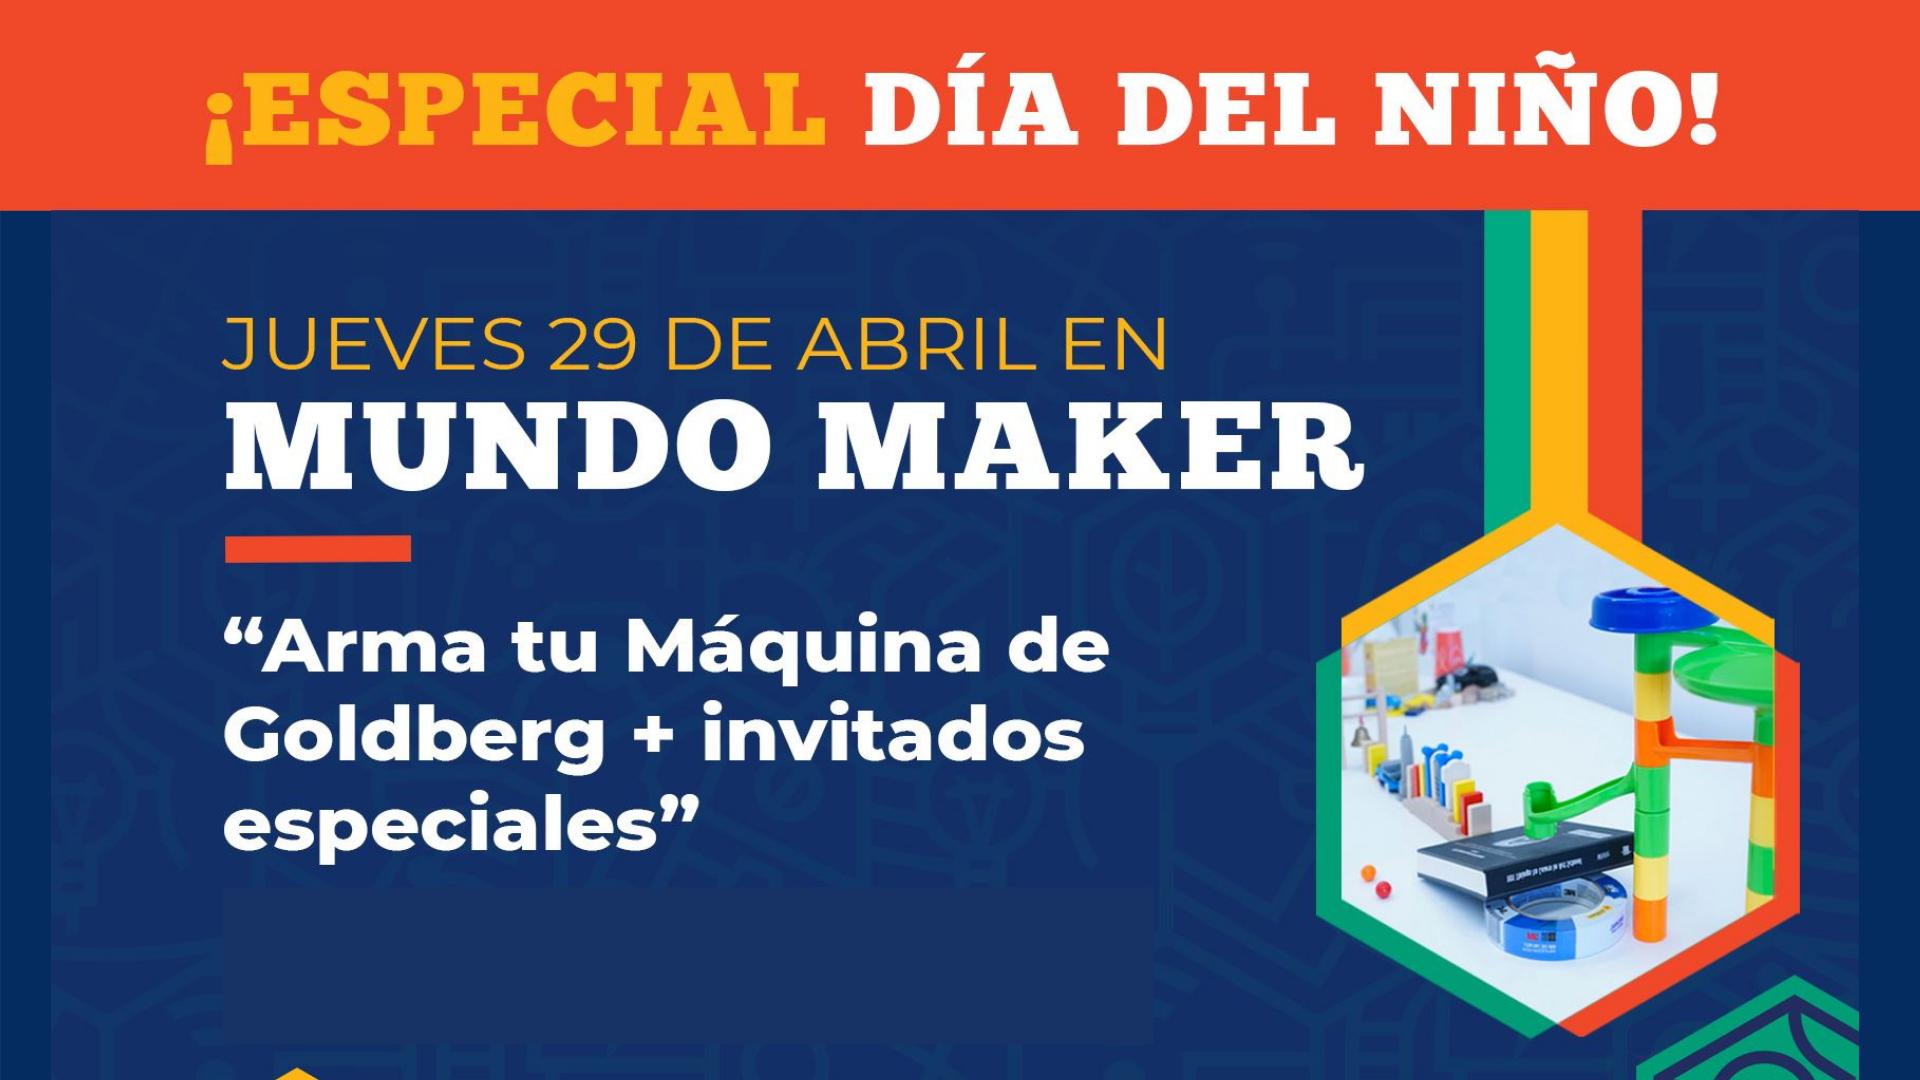 Mundo Maker Especial Día del Niño 2021